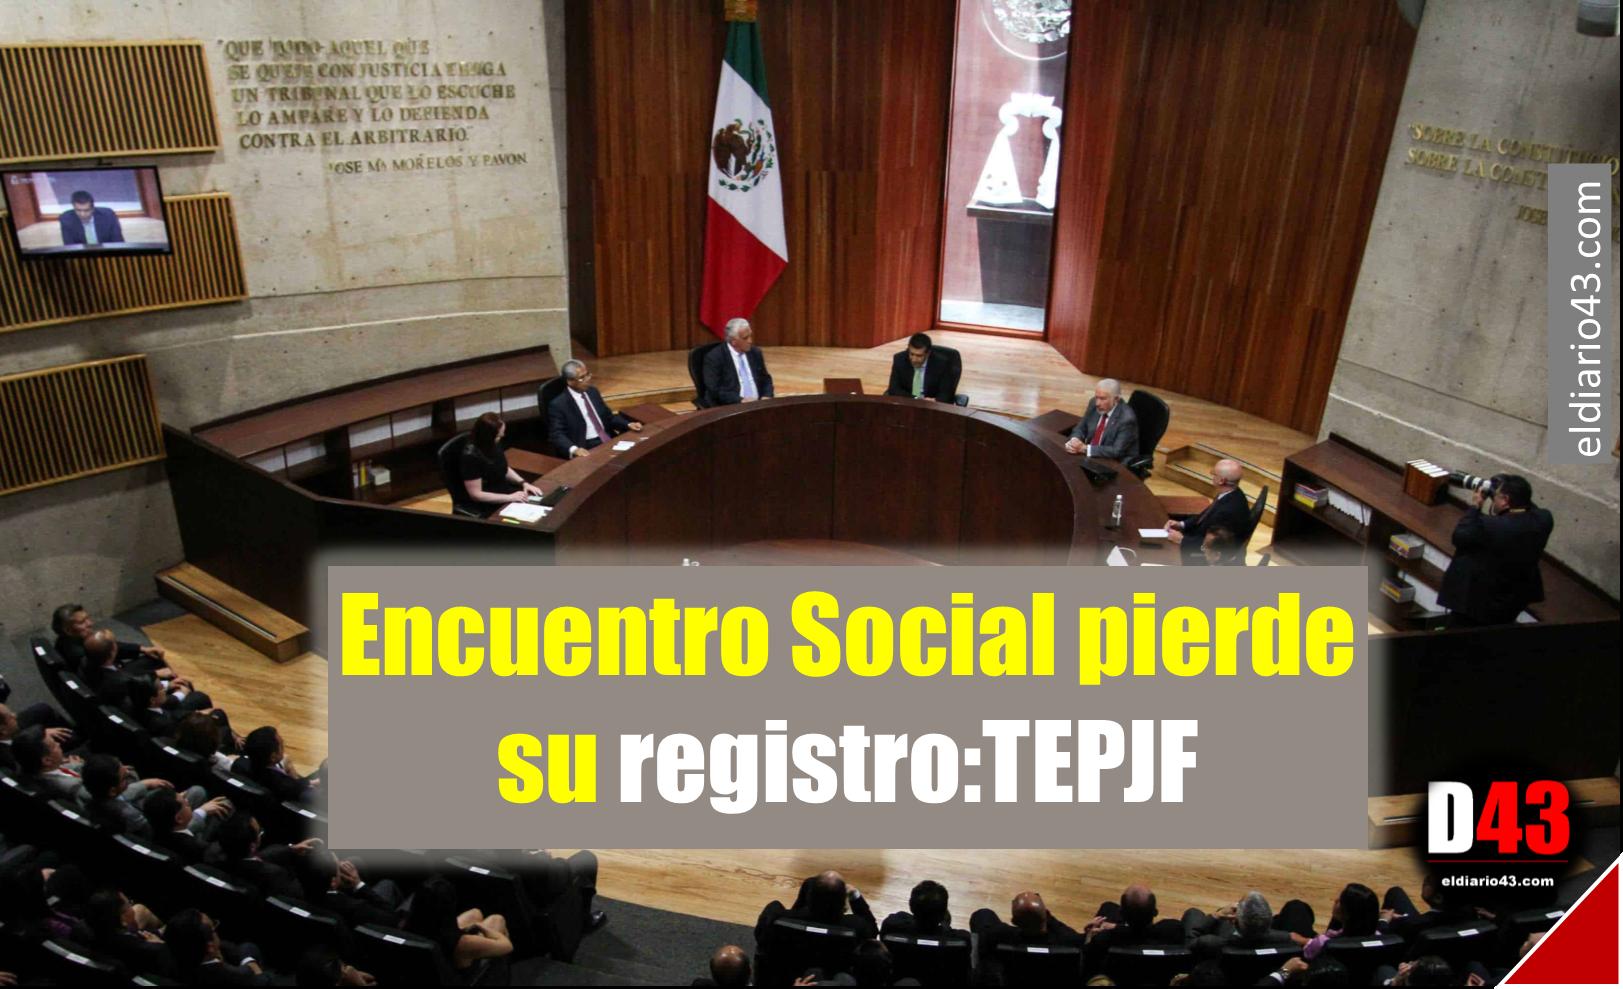 Encuentro Social pierde registro; Tribunal confirma decisión del INE